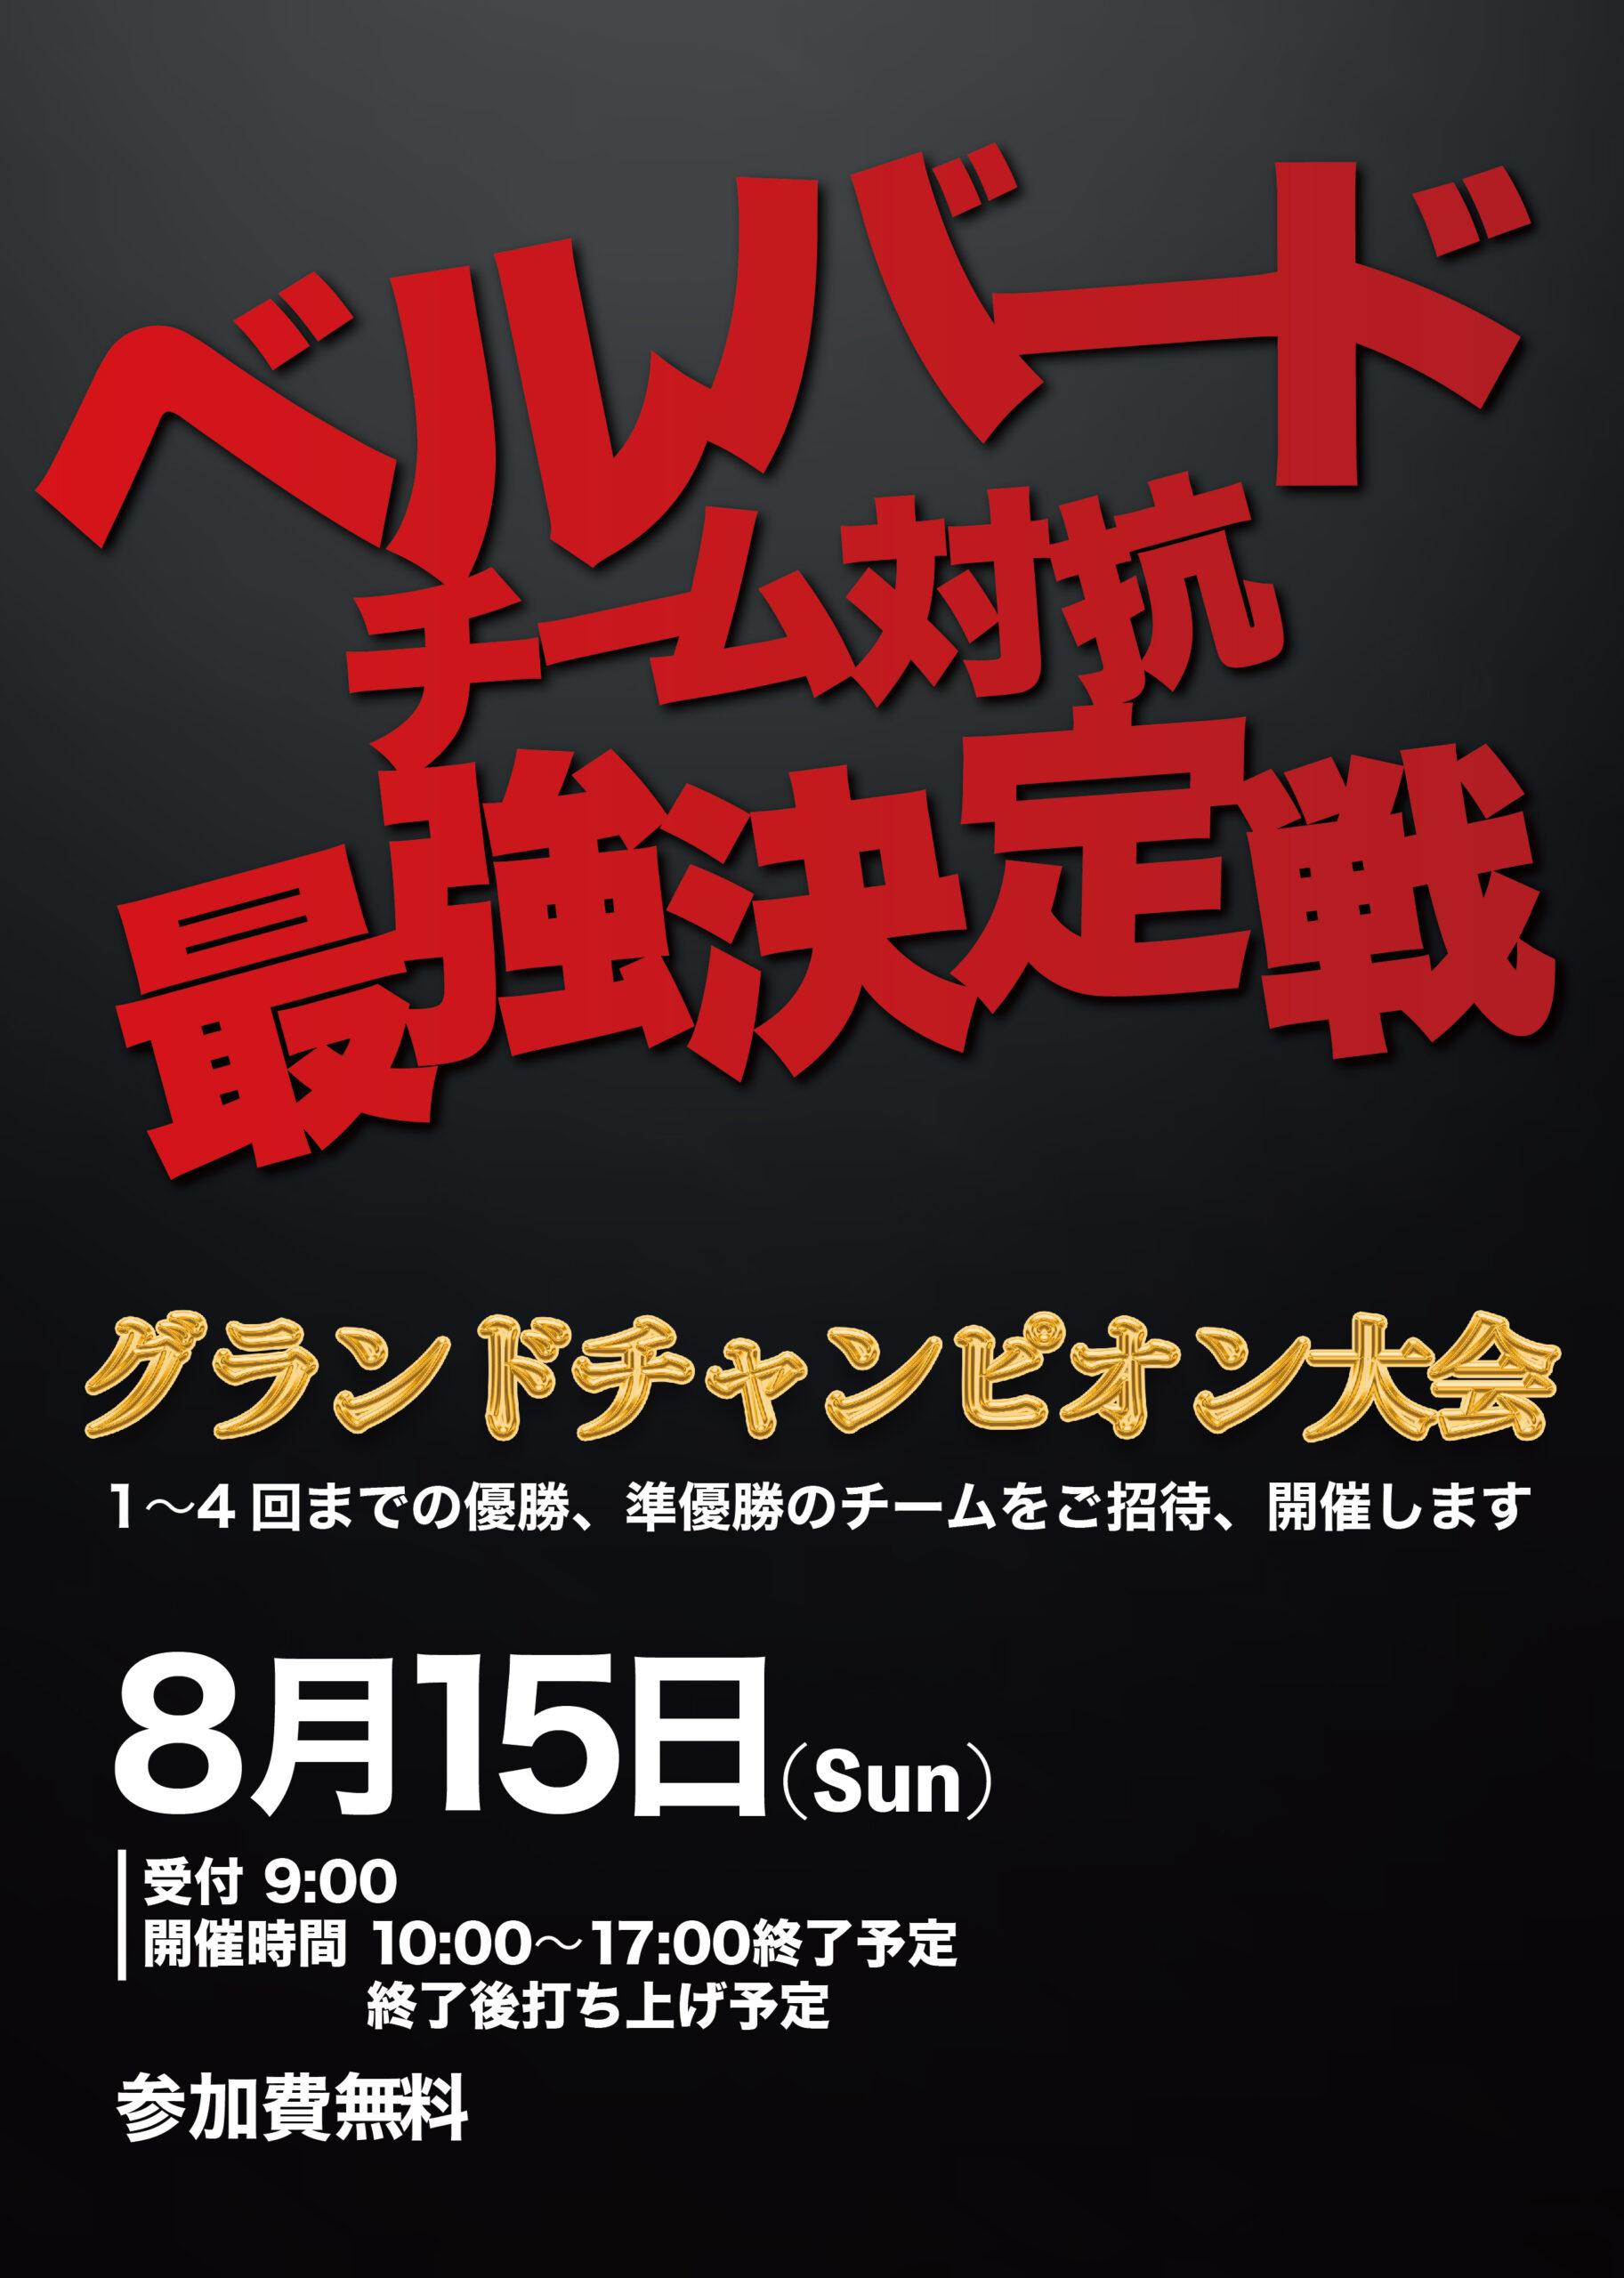 【グラチャン】チーム対抗最強戦8.15(SUN)